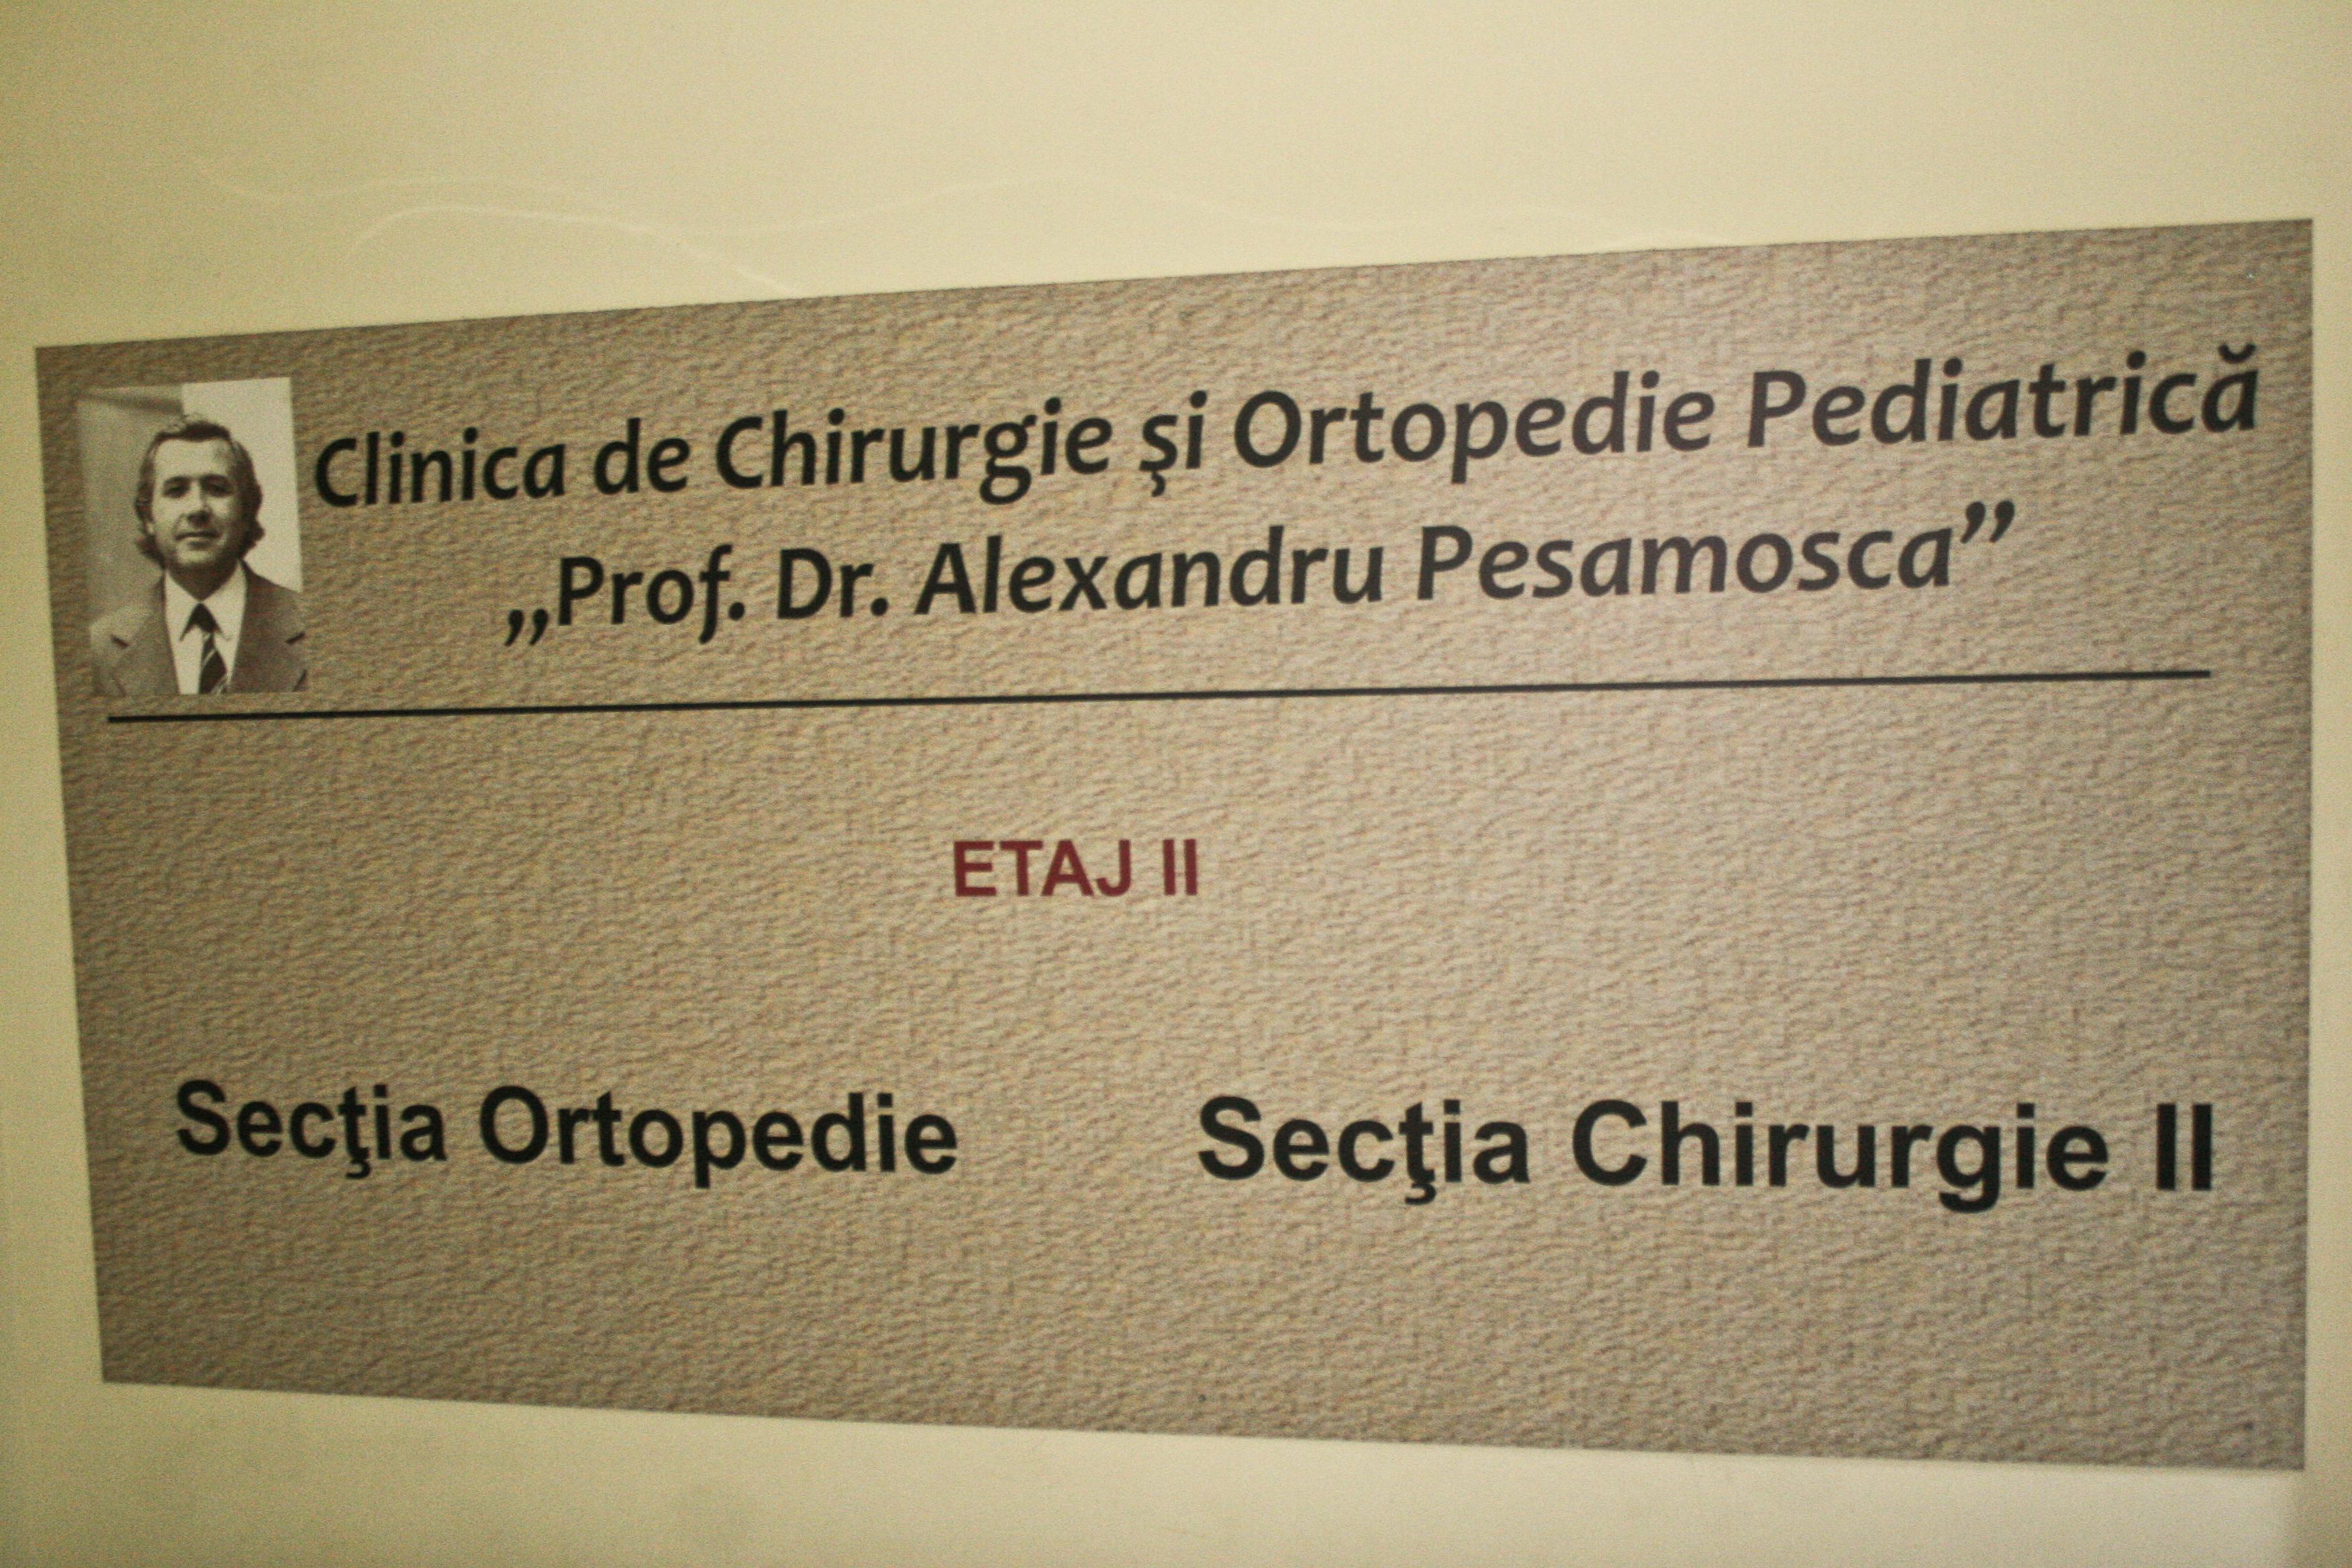 Clinica de chirurgie din spitalul Budimex ii poarta numele doctorului